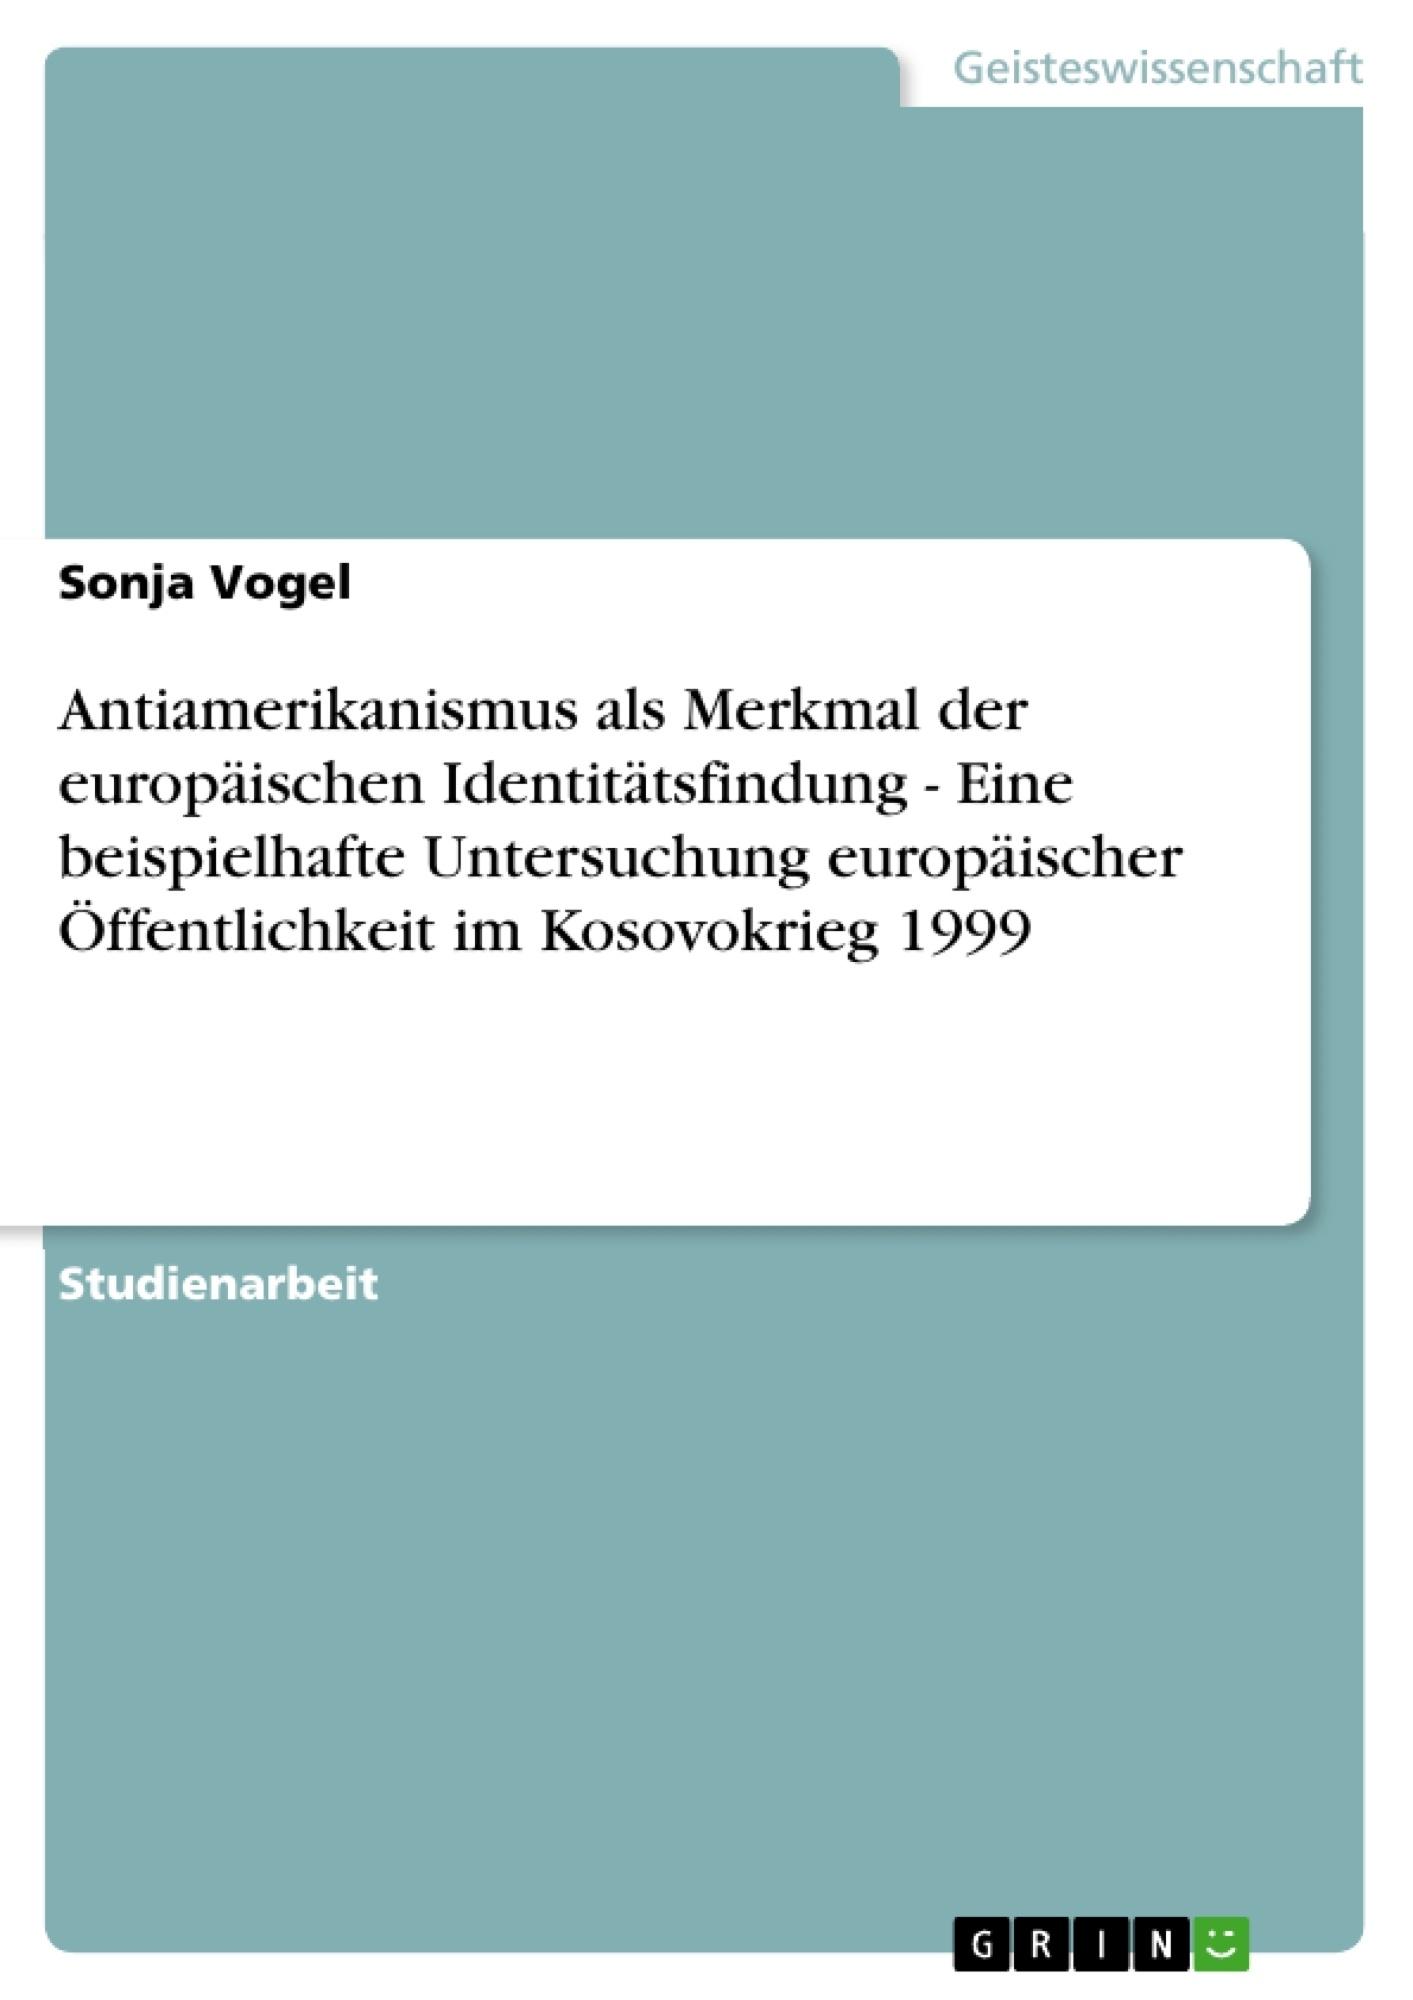 Titel: Antiamerikanismus als Merkmal der europäischen Identitätsfindung - Eine beispielhafte Untersuchung europäischer Öffentlichkeit im Kosovokrieg 1999